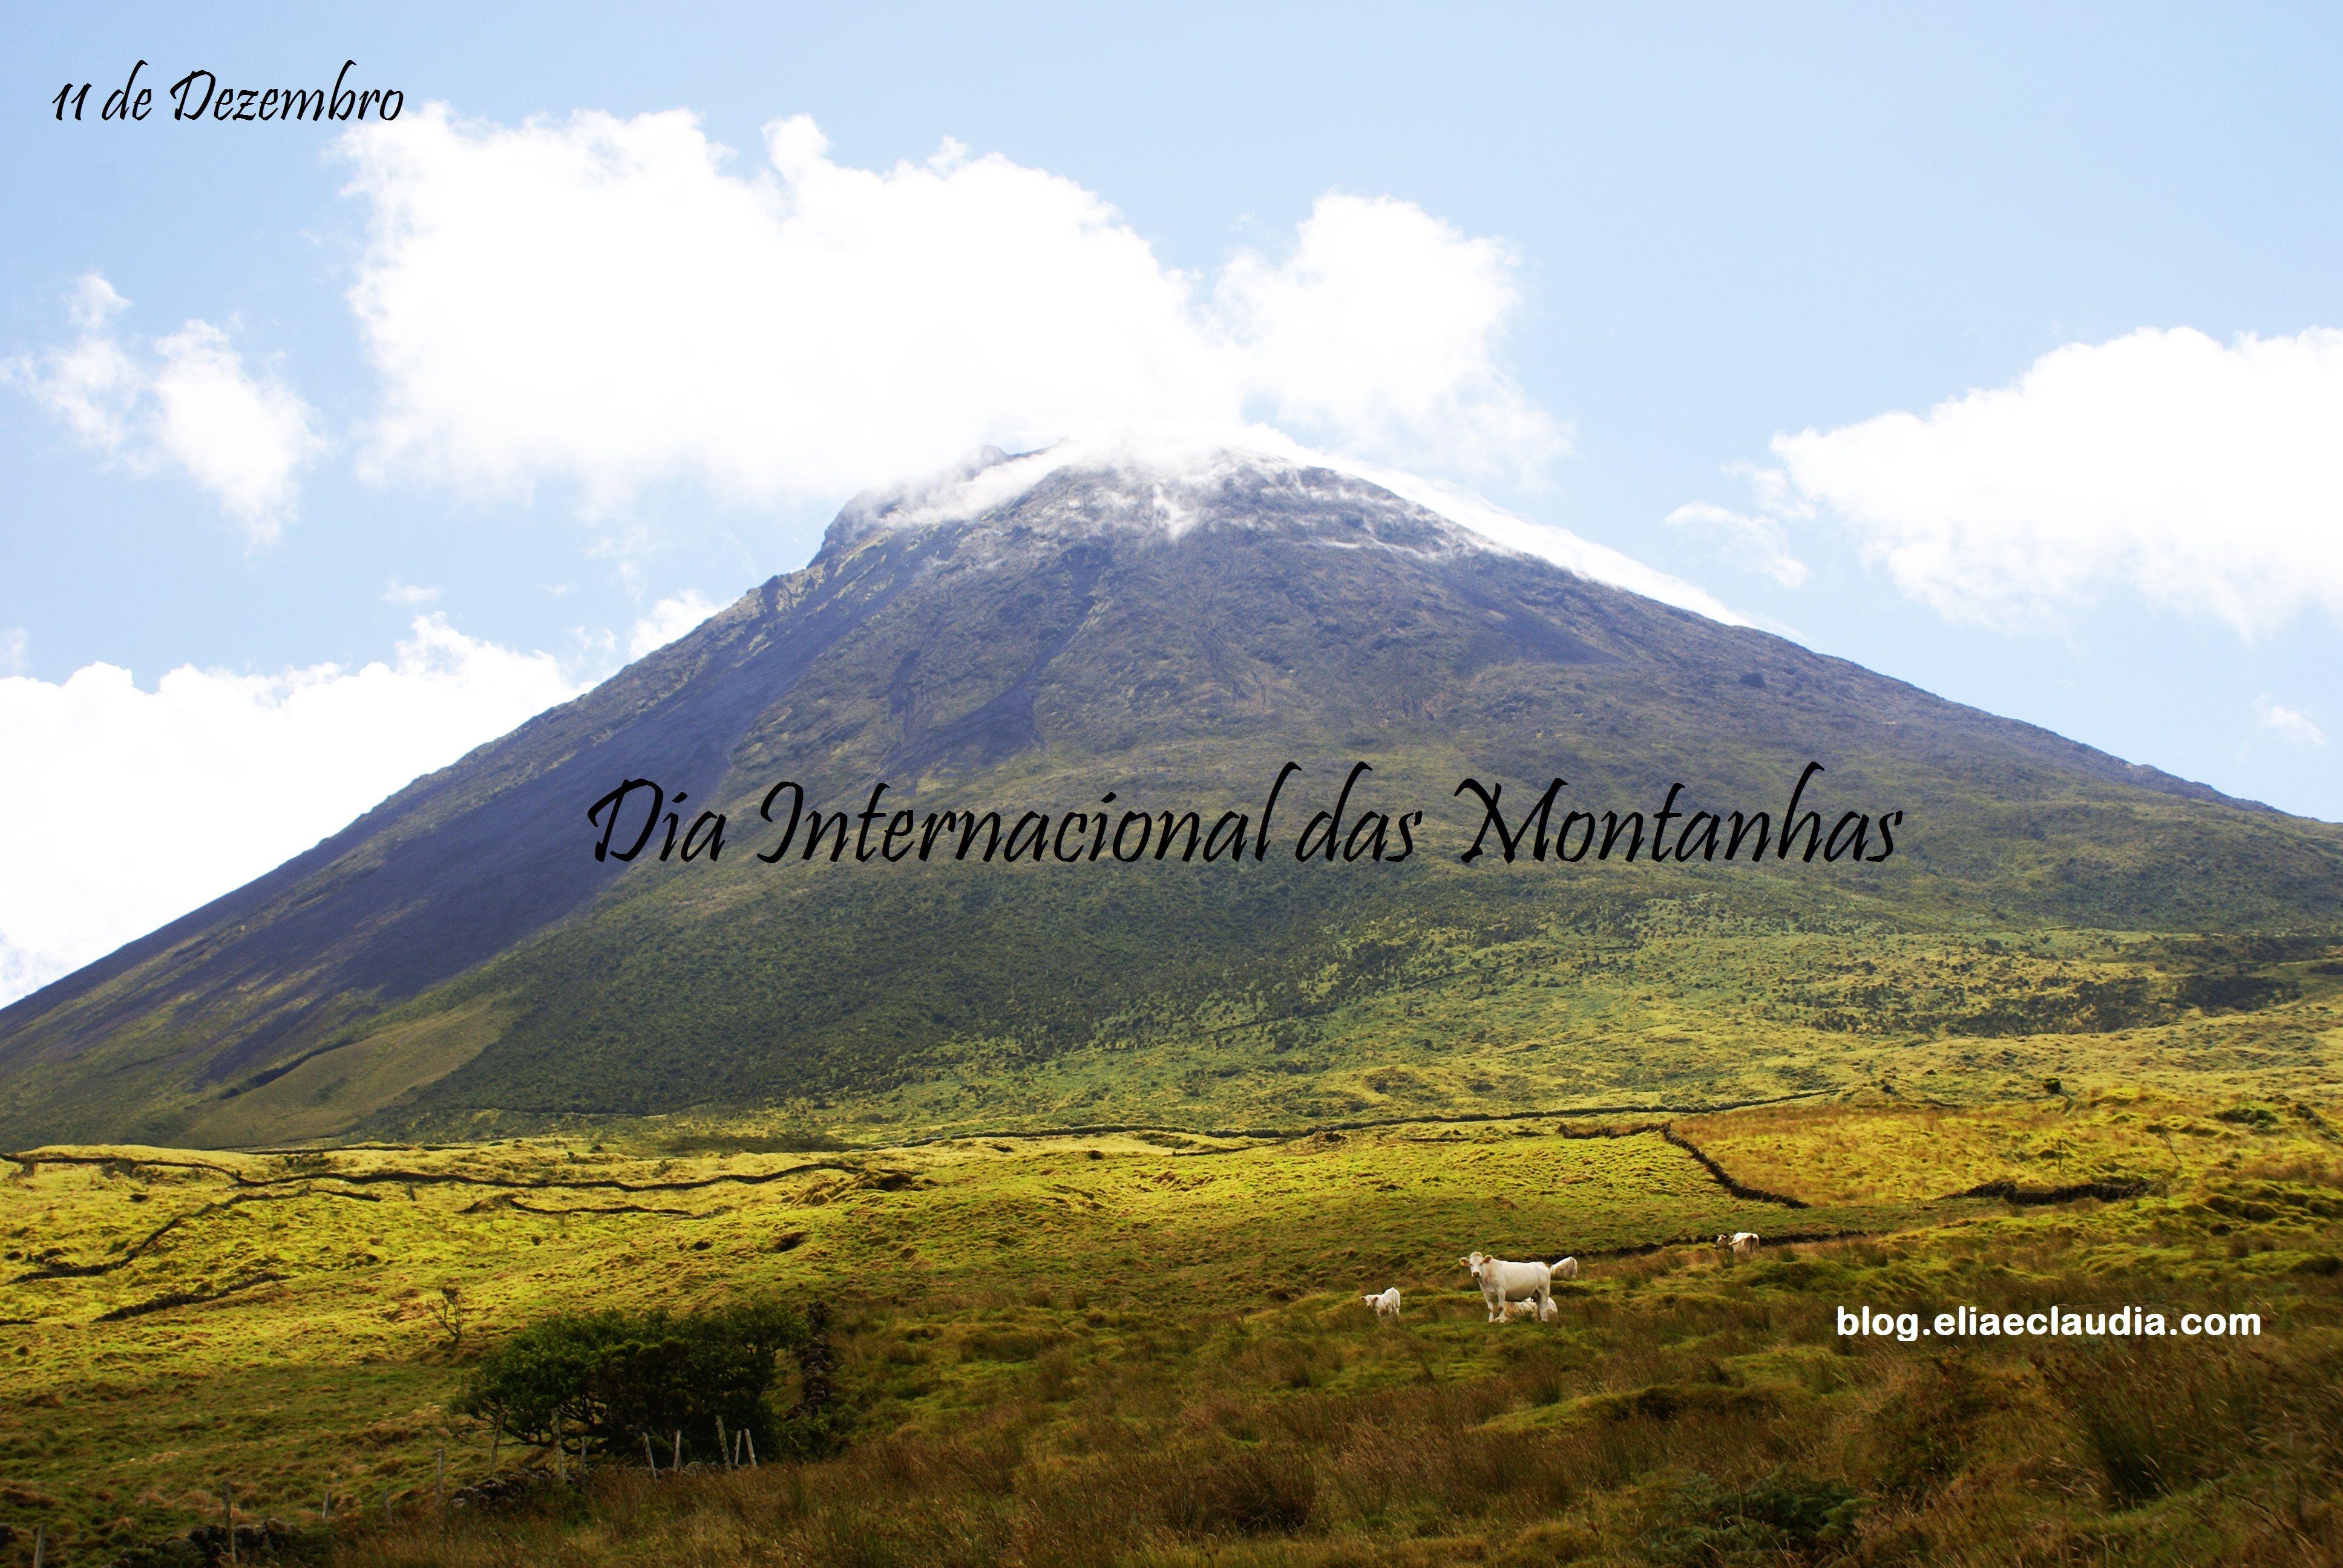 11 de Dezembro - Dia Internacional das Montanhas (Montanha do Pico na imagem)